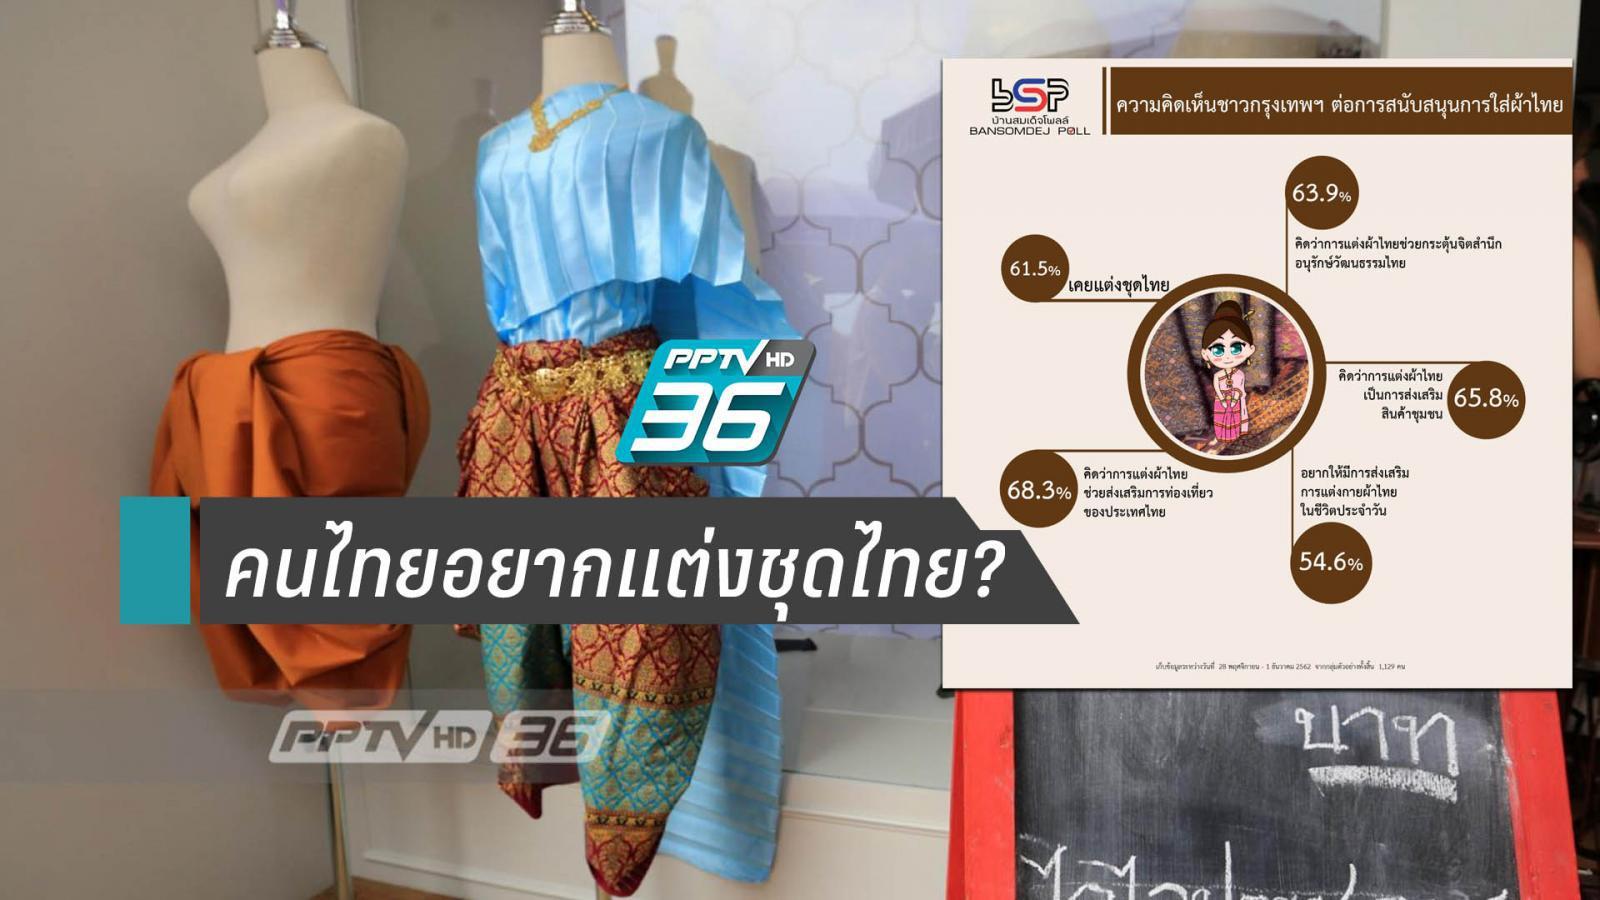 คนไทยส่วนหนึ่ง 54.6 % อยากให้ส่งเสริมแต่งชุดไทยในชีวิตประจำวัน